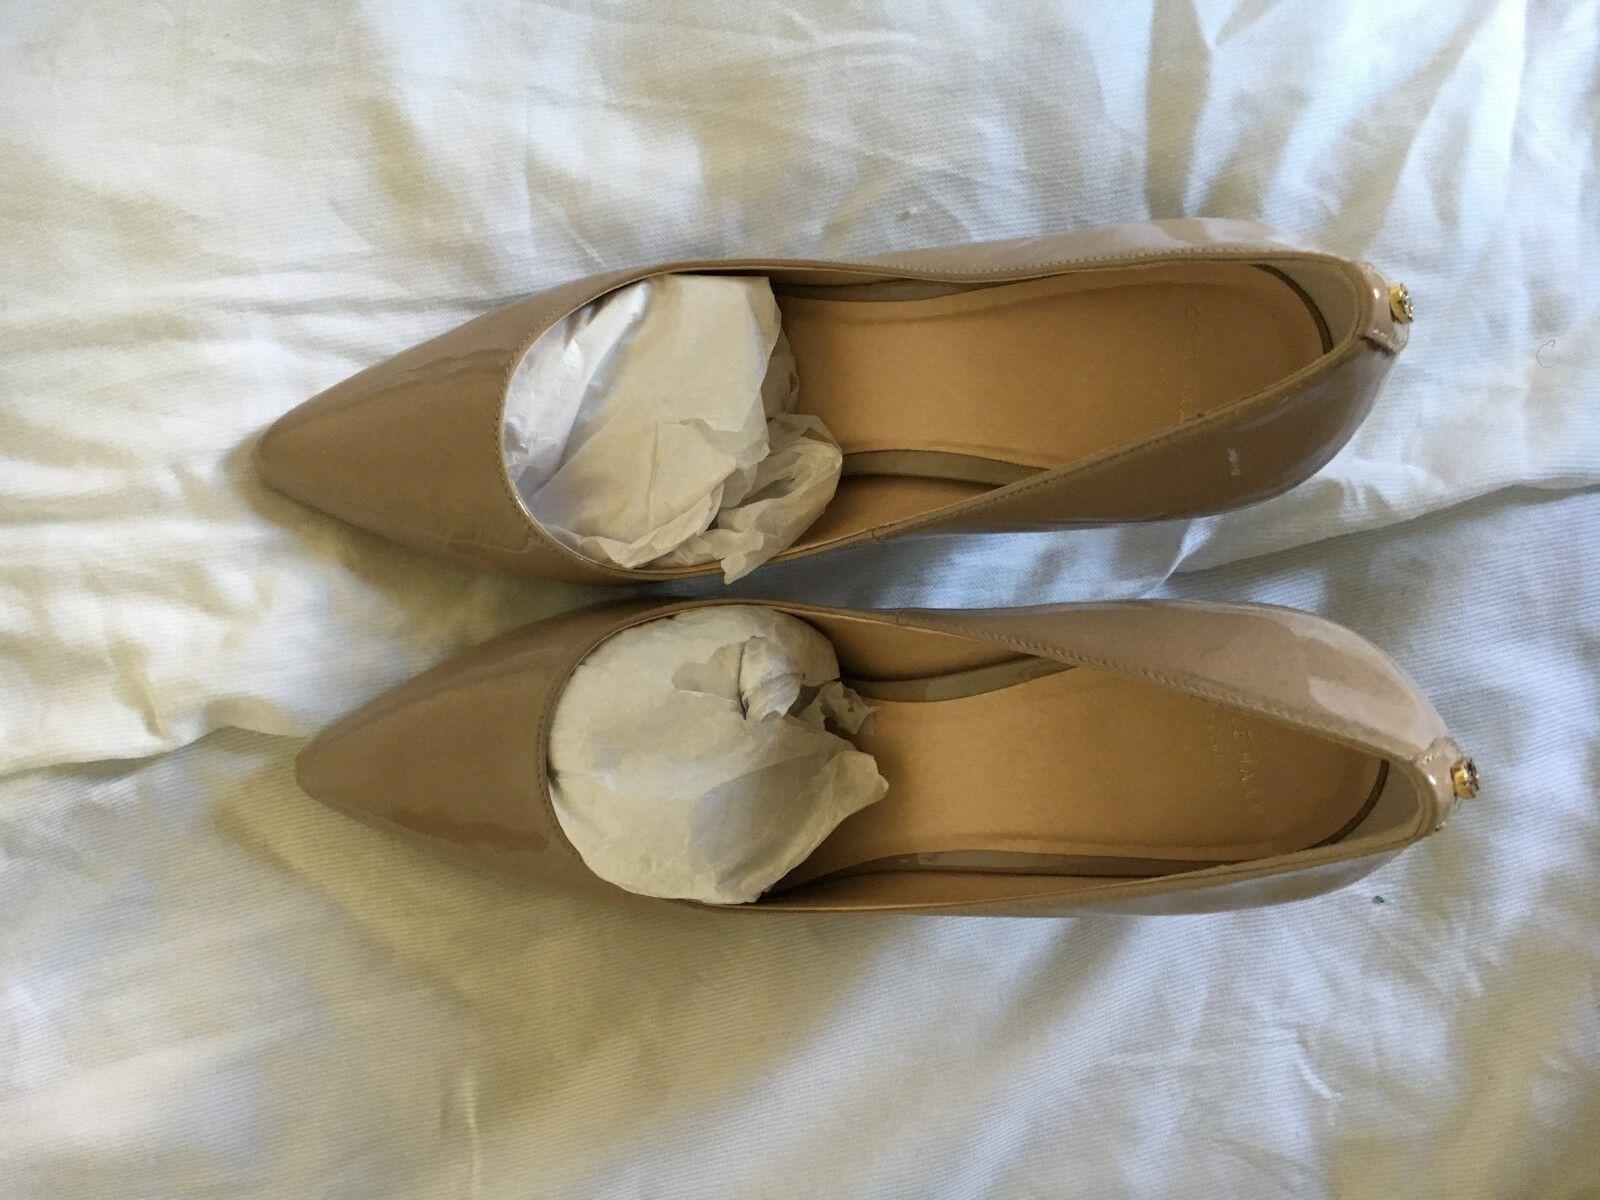 Cole Haan Grand so Mujer Beige Patent Zapatos De Salón Salón Salón Talla 10B D41948  tienda en linea